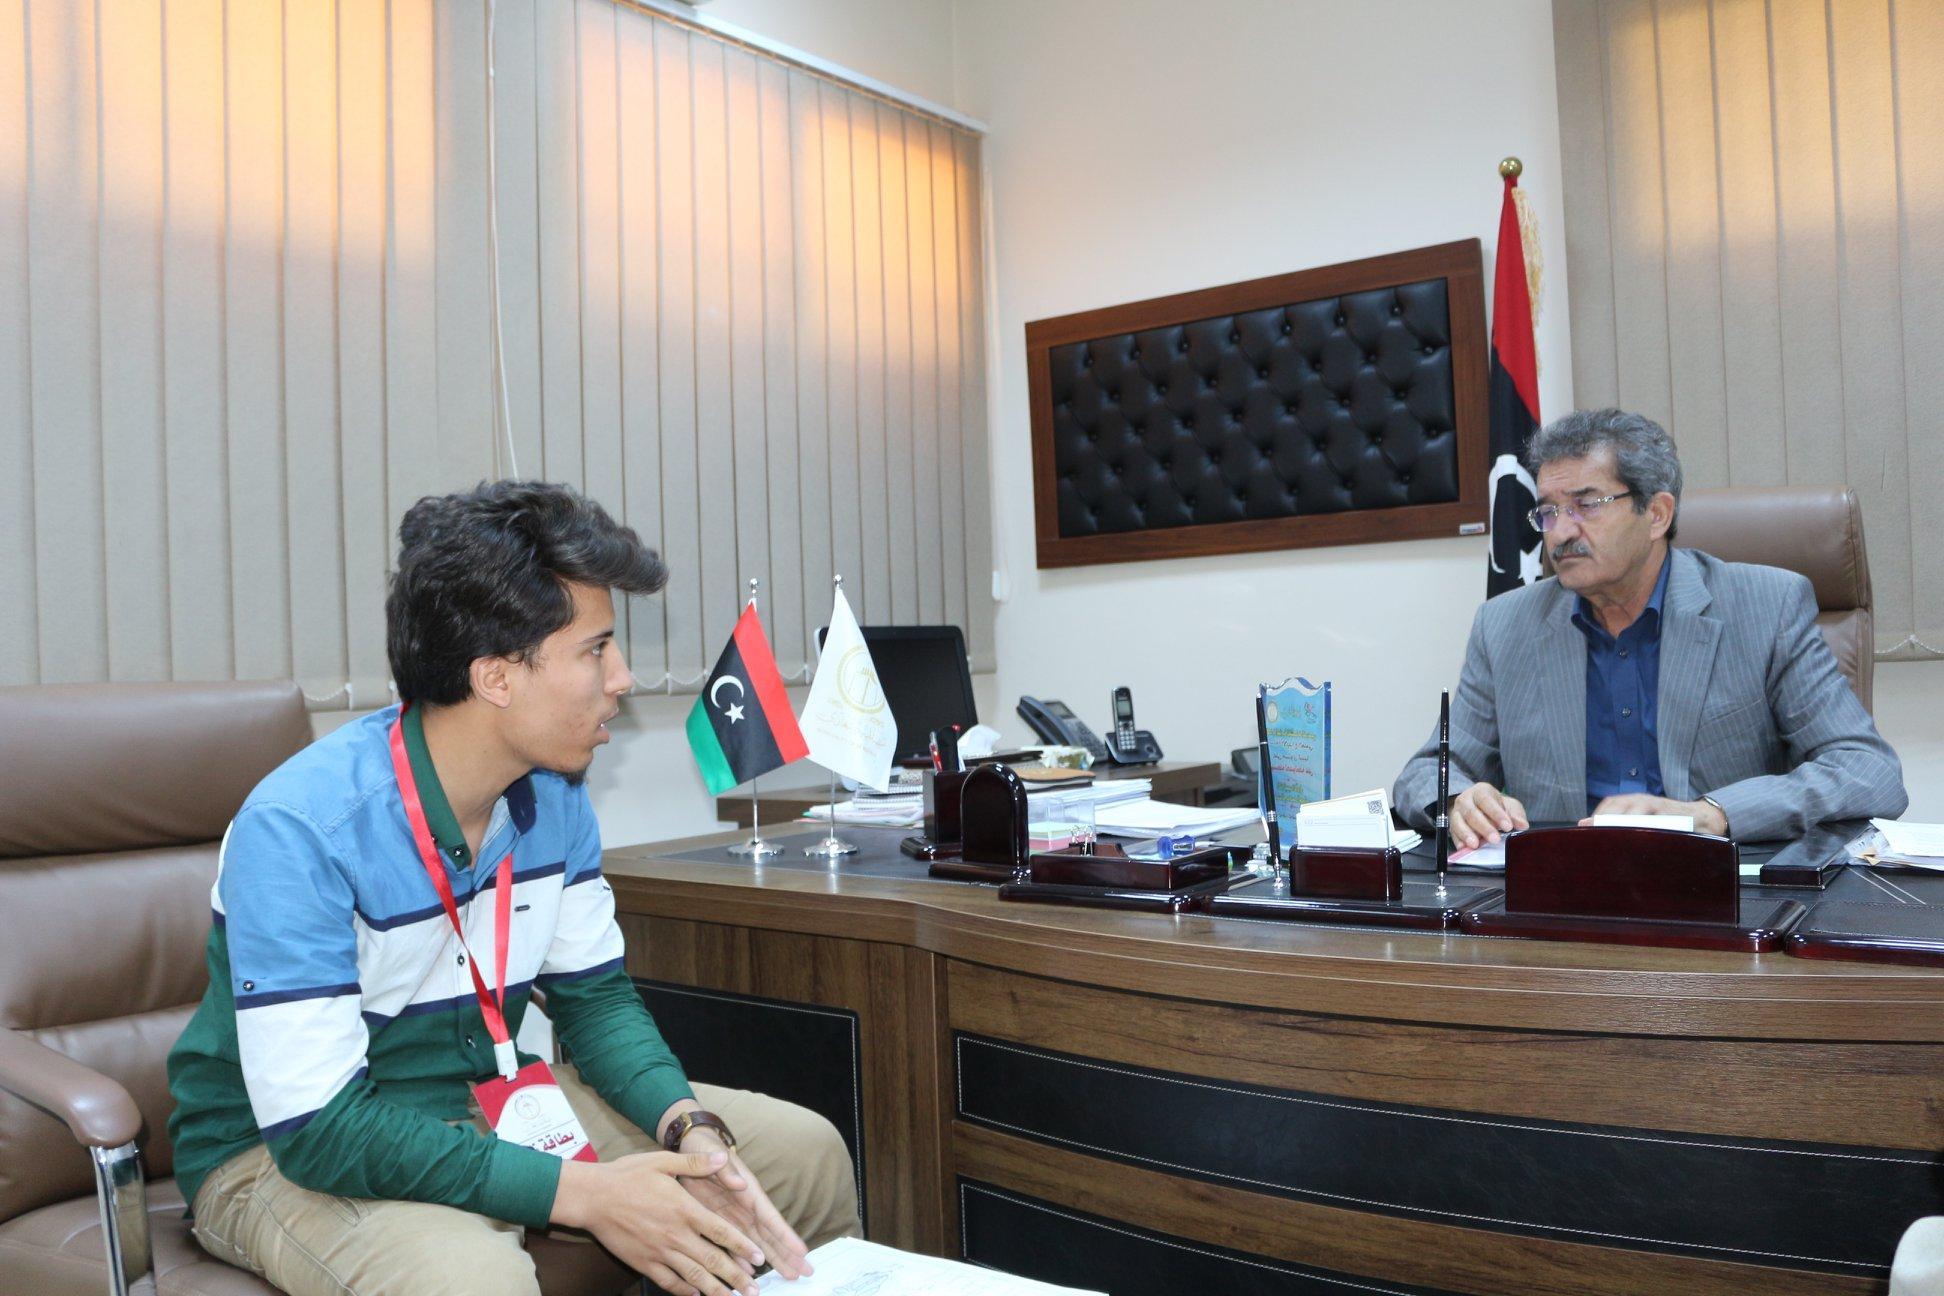 عميد بلدية بنغازي عبد الرحمن العبار والطالب محمد سالم العمامي